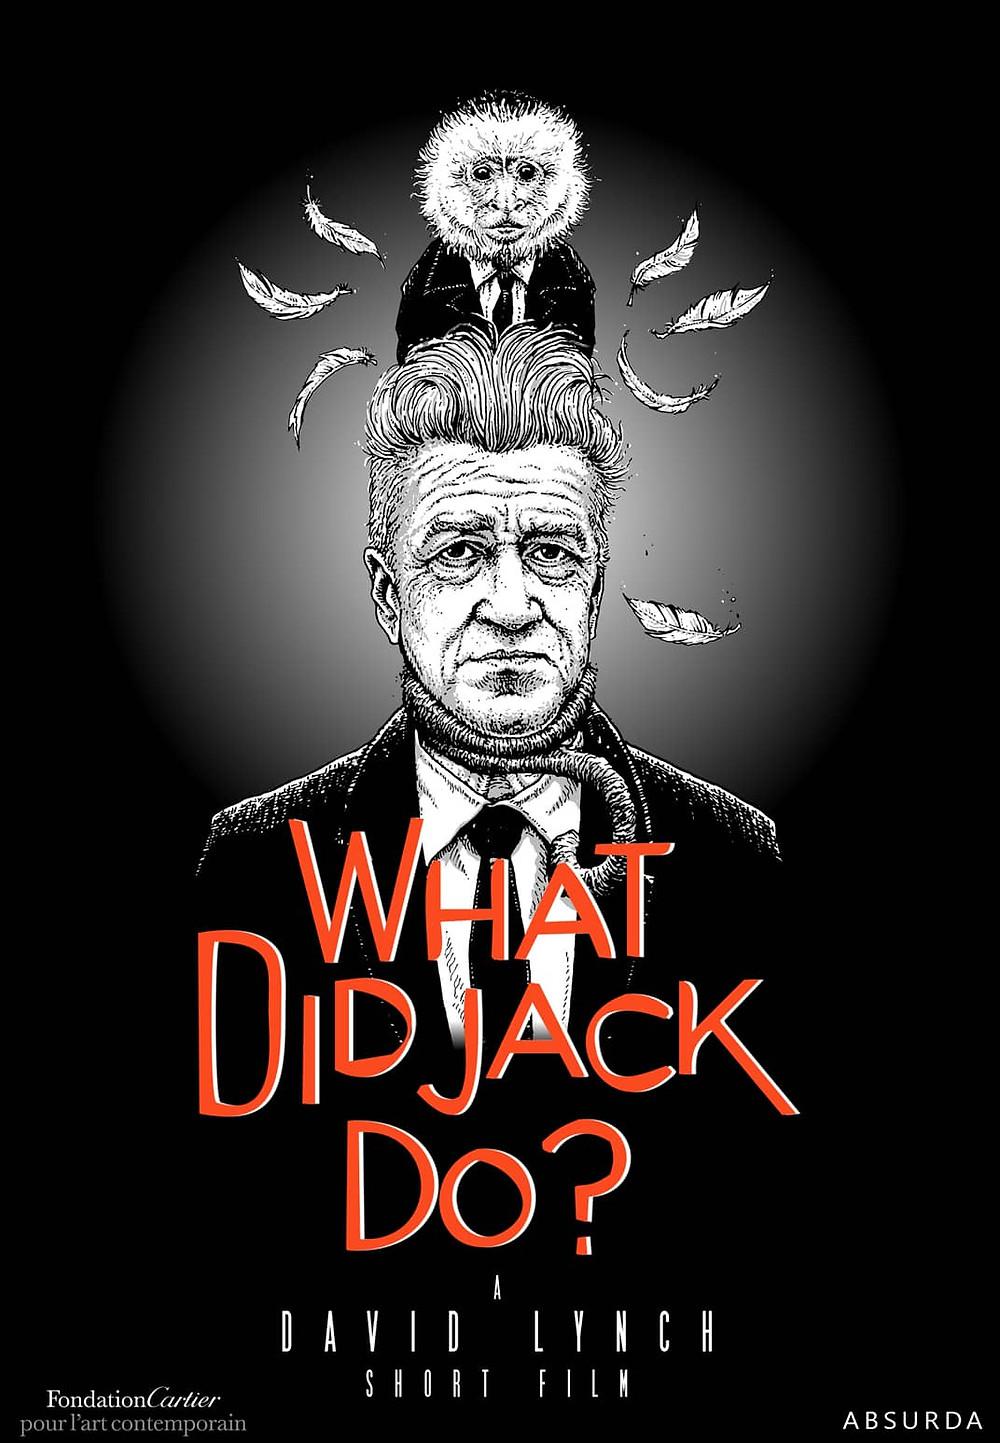 recenzie film What Did Jack Do? David Lynch